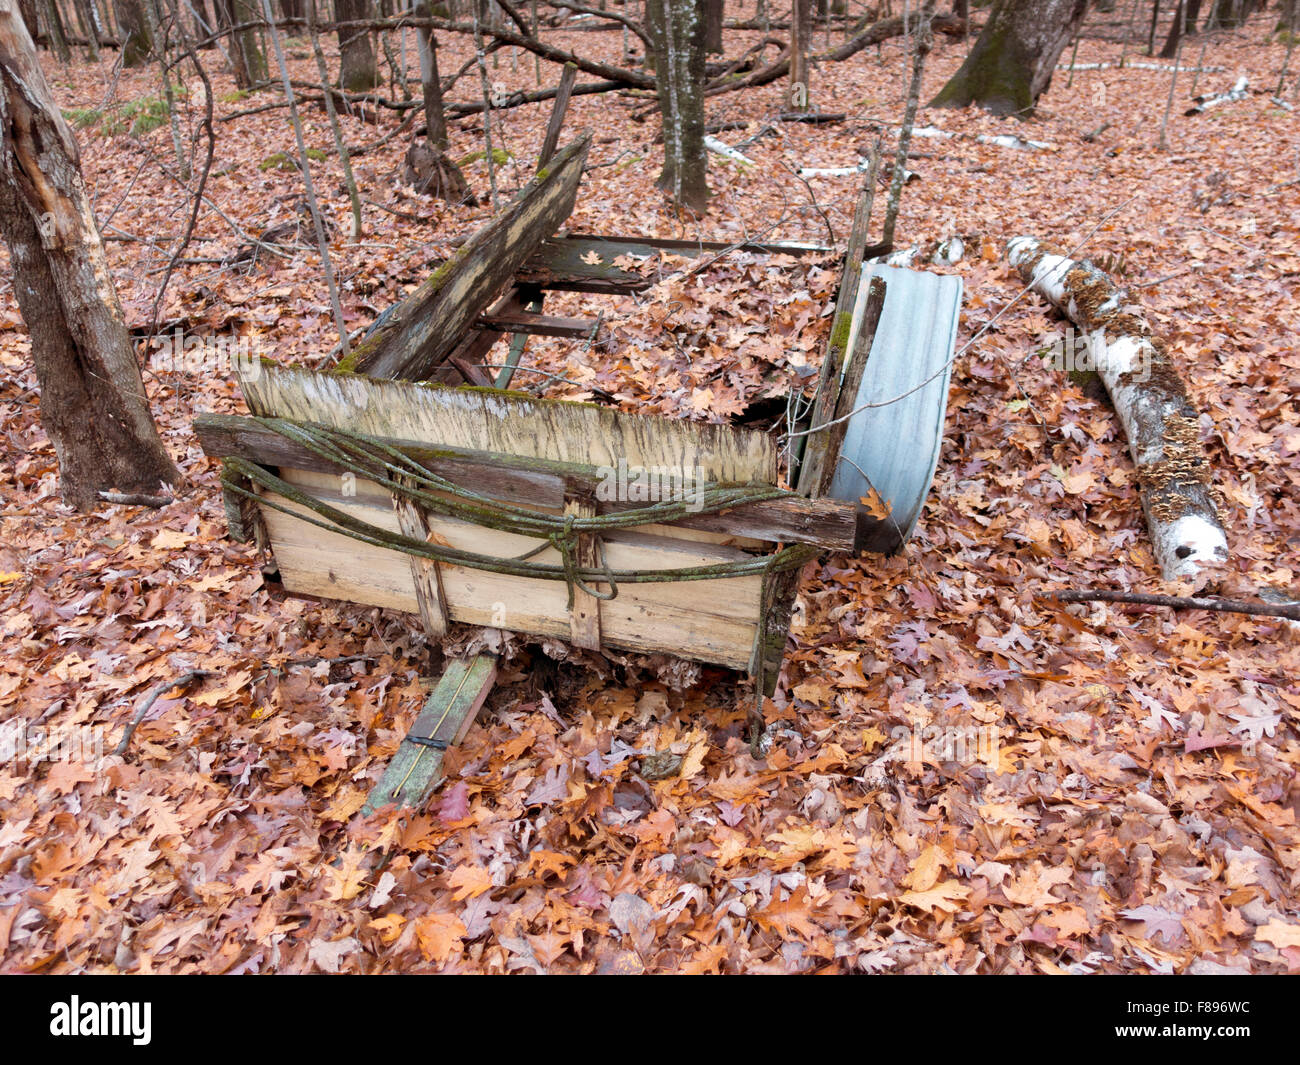 Remolque de madera colapsado fundiéndose en los bosques y las hojas de otoño. Cumberland Wisconsin WI USA Foto de stock